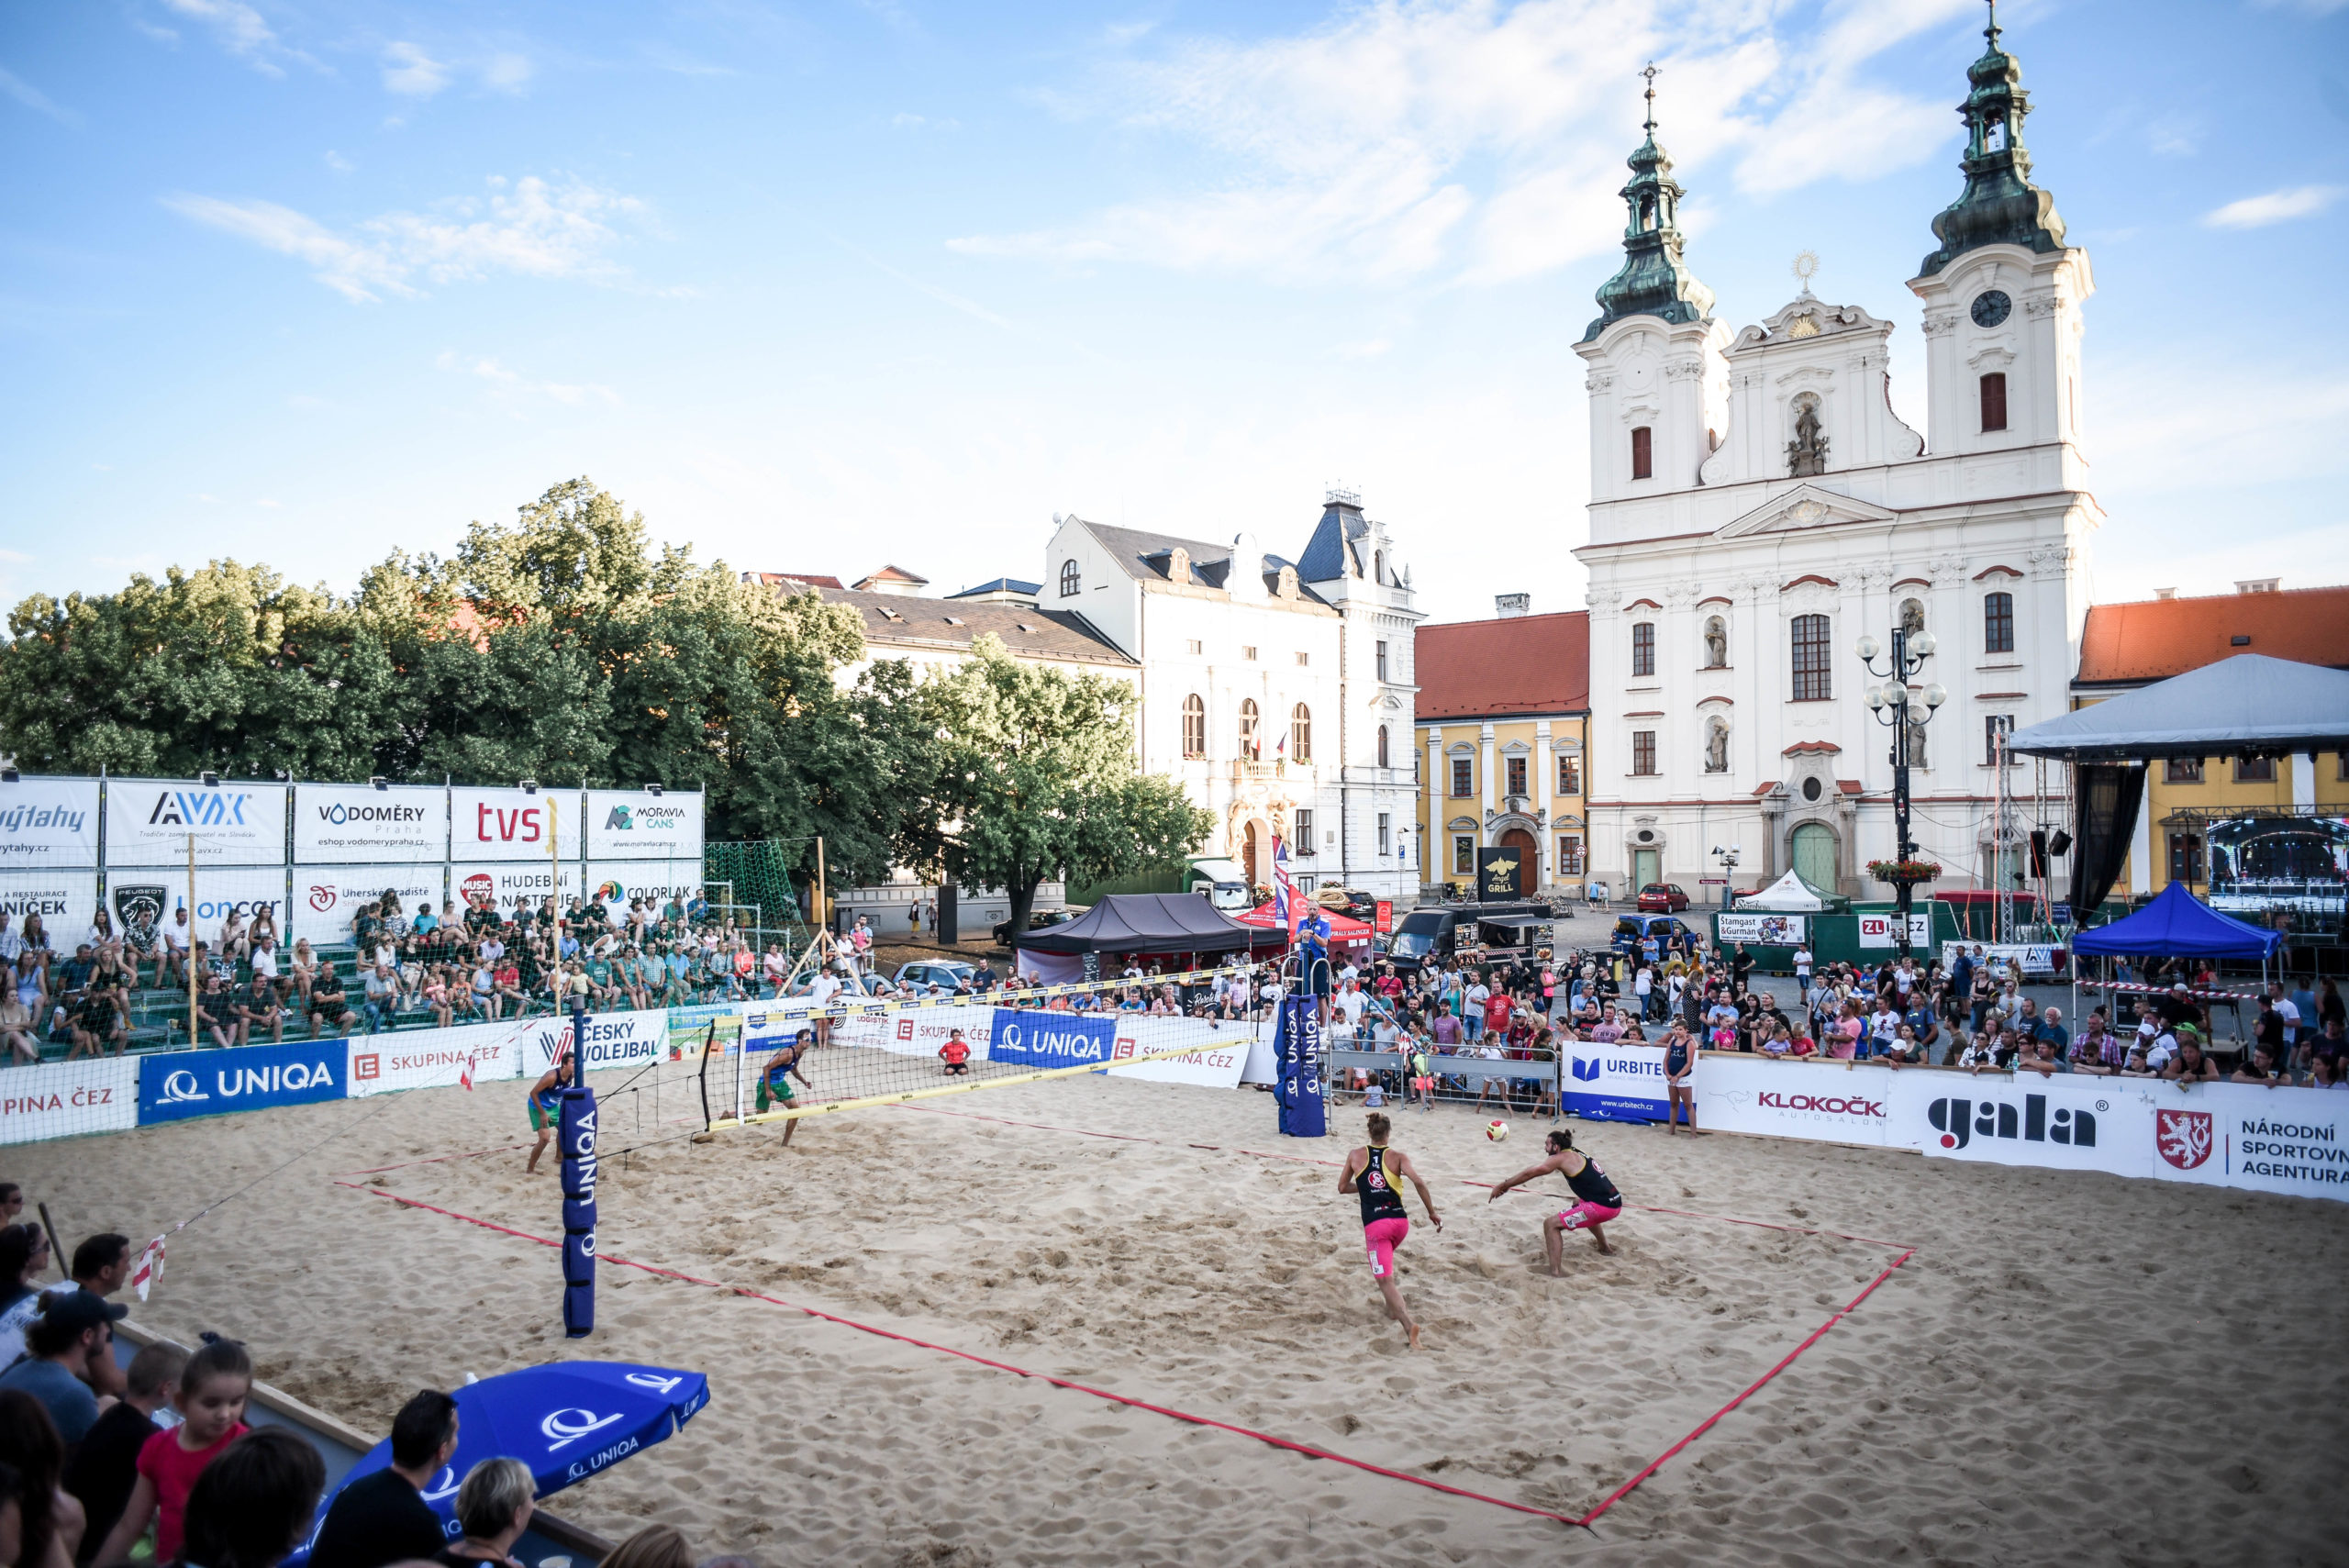 foto: Kateřina Nosková